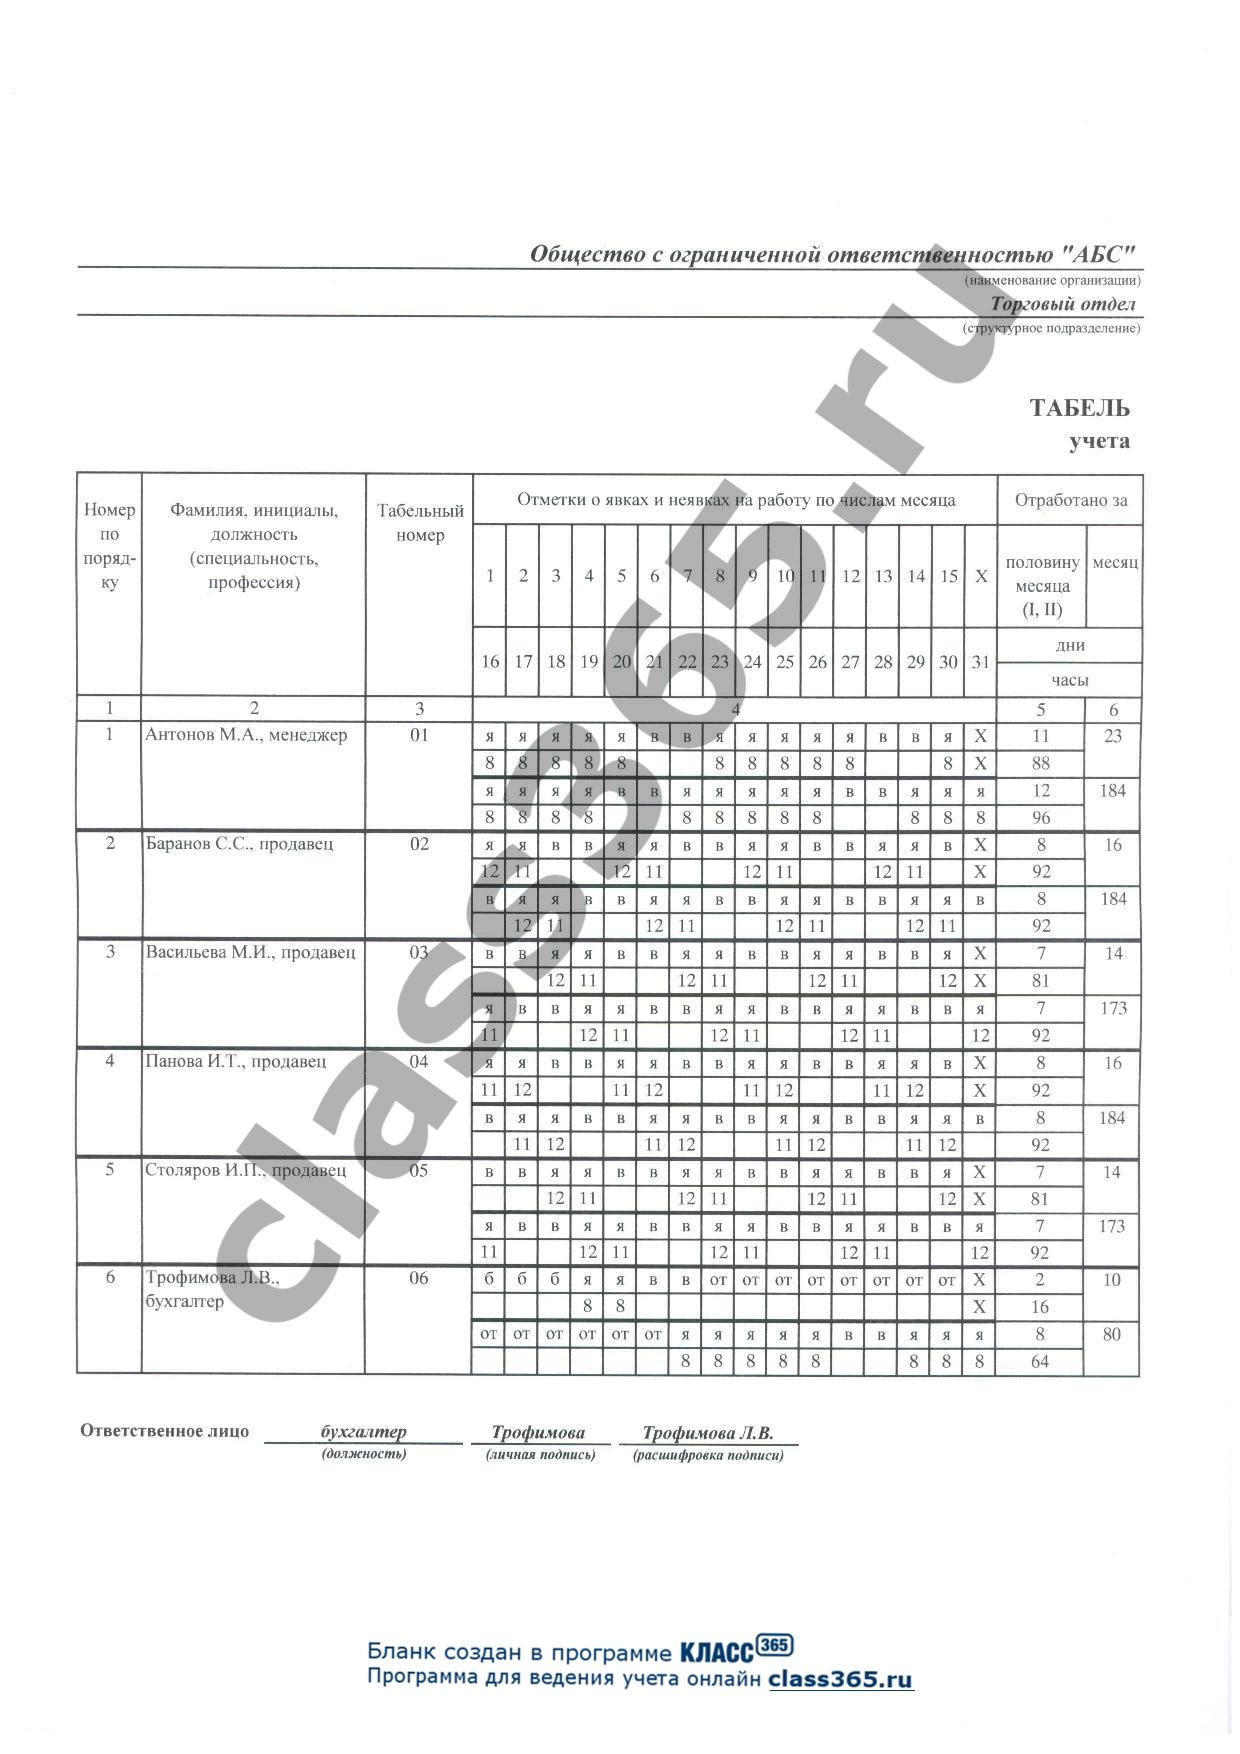 образец заполнения форма 12в